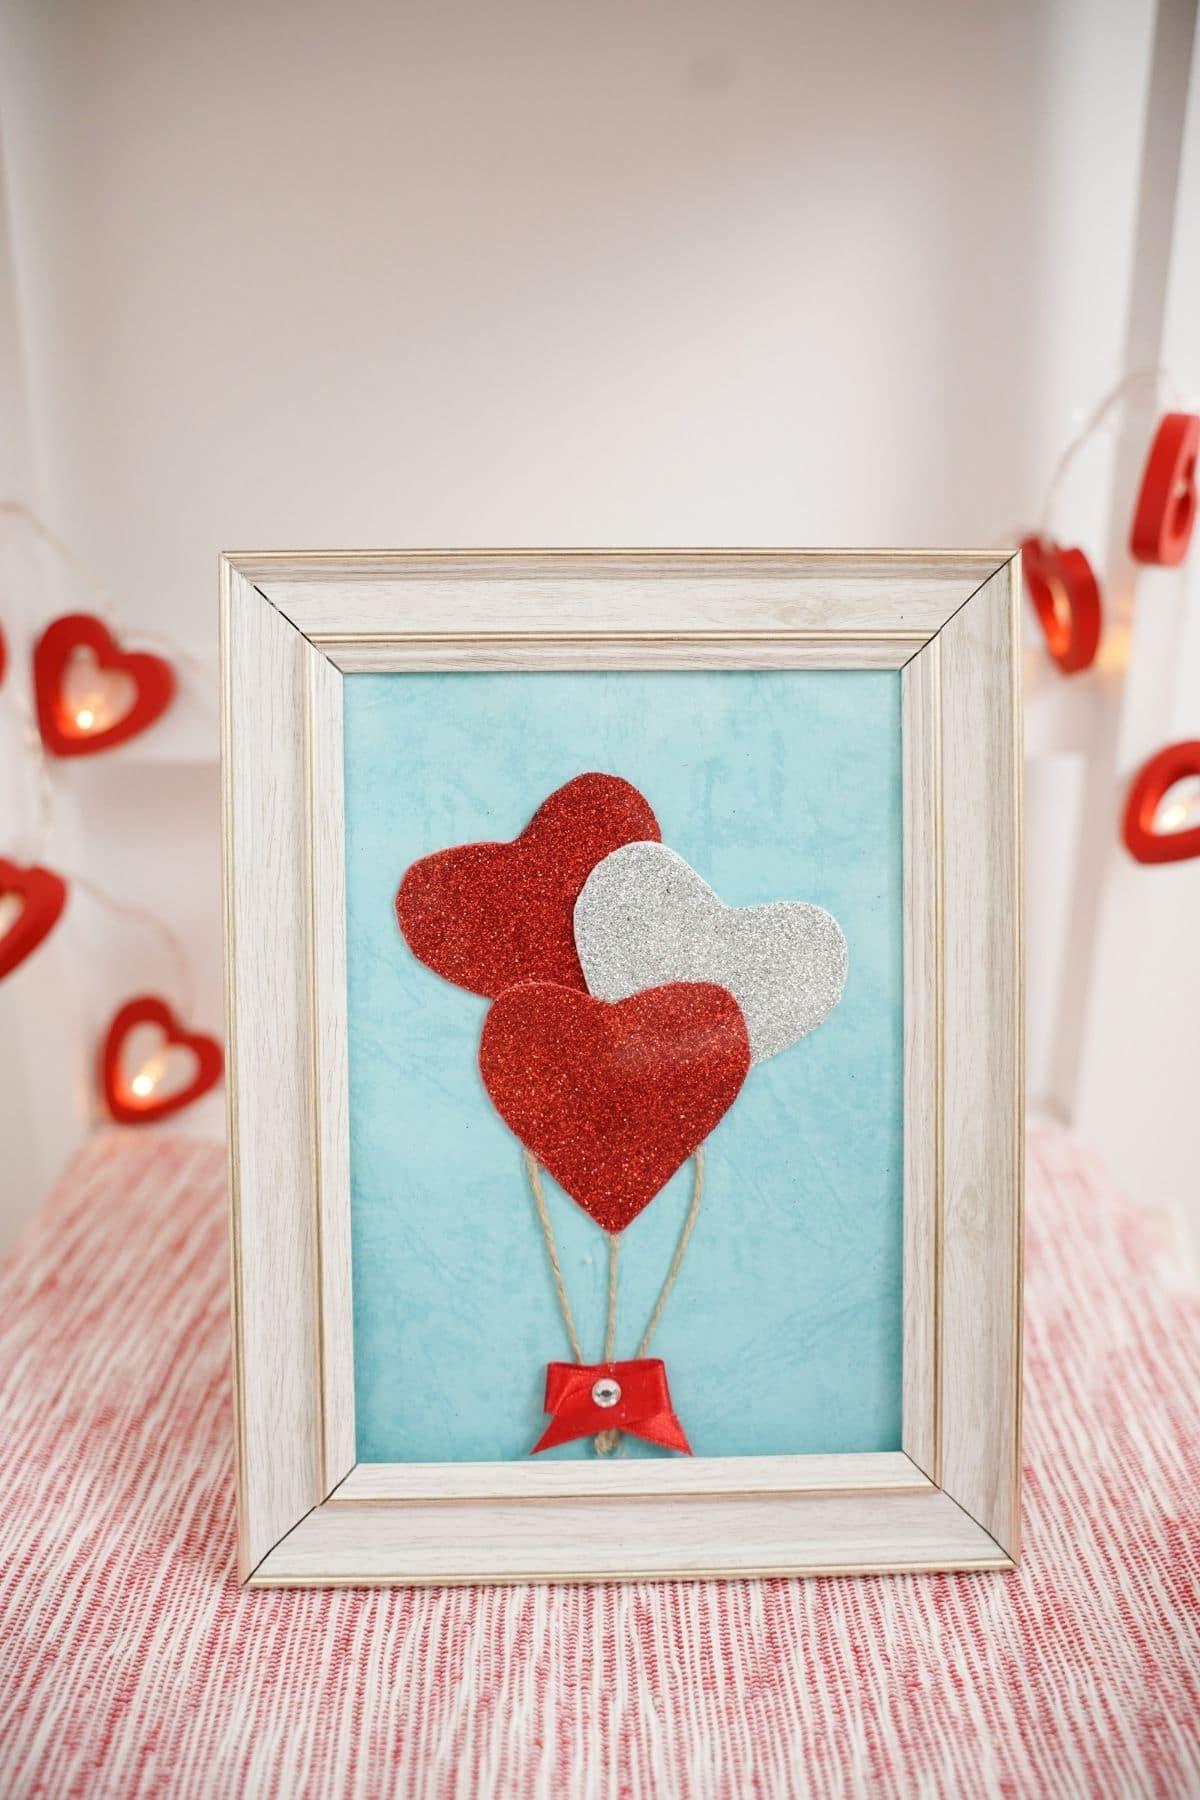 Framed heart art